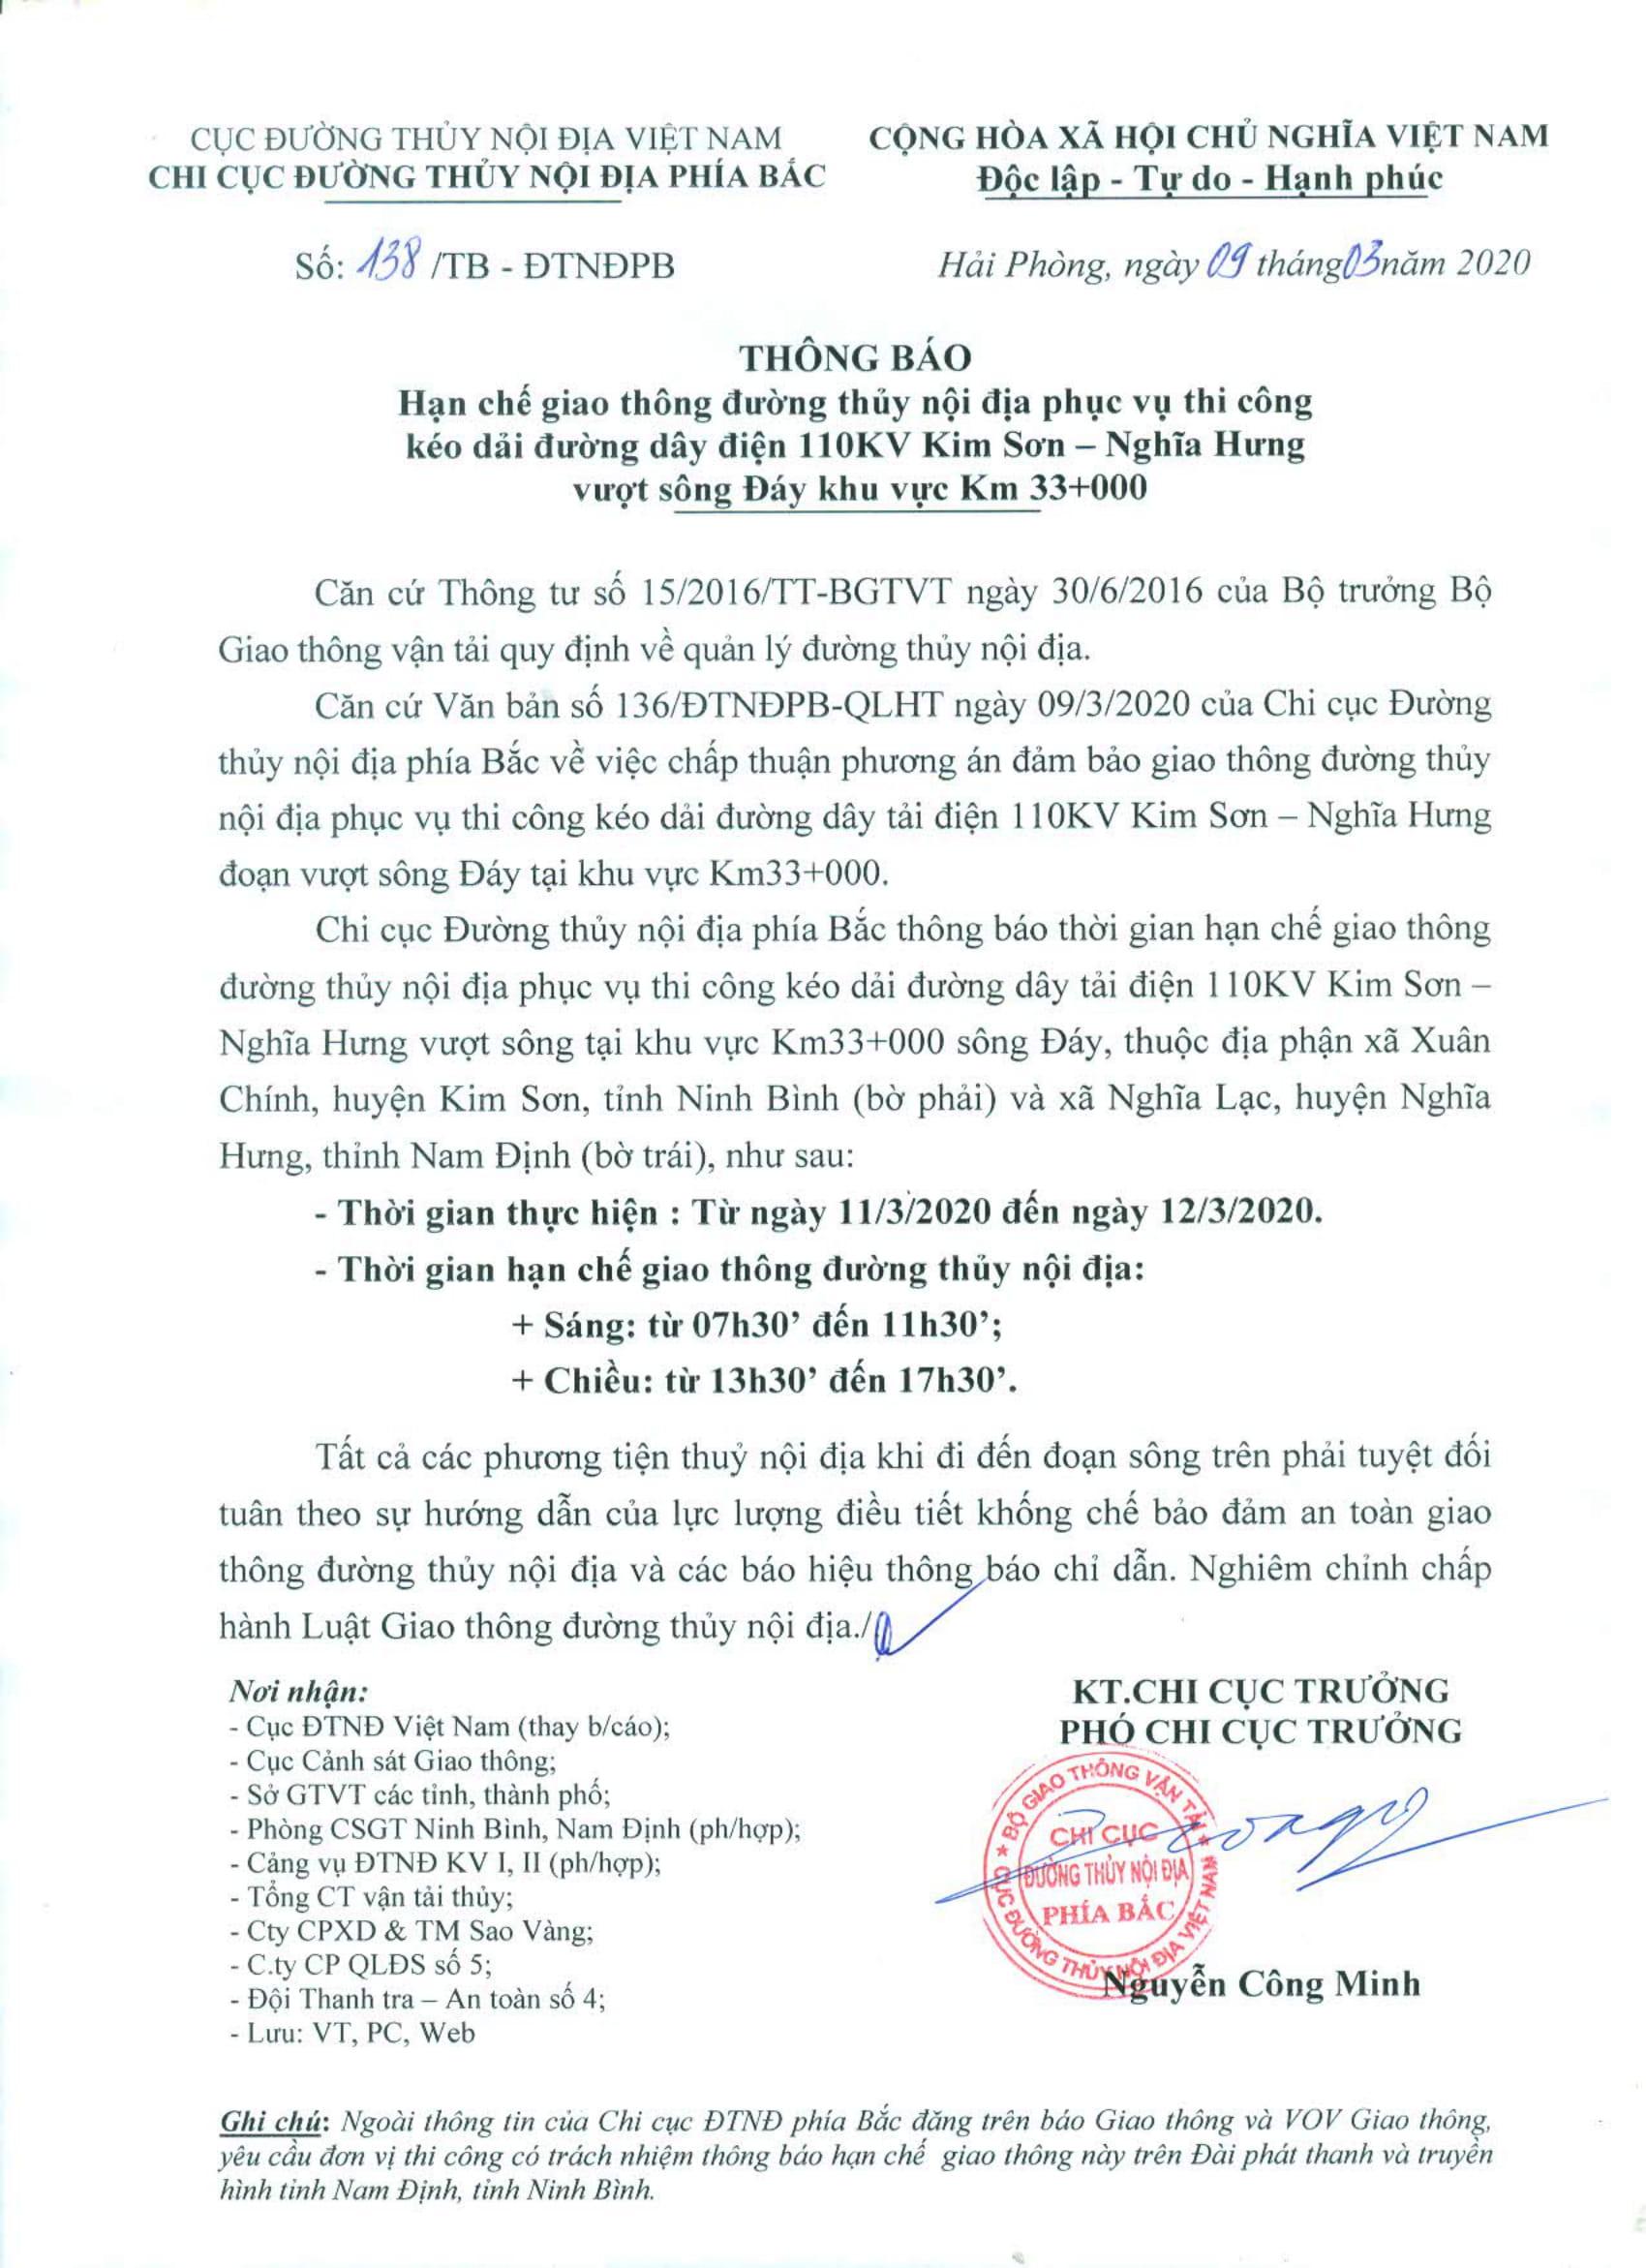 Thông báo HCGT ĐTNĐ phục vụ thi công kéo dải đường dây điện 110KV Kim Sơn - Nghĩa Hưng vượt sông Đáy khu vực Km 33+000